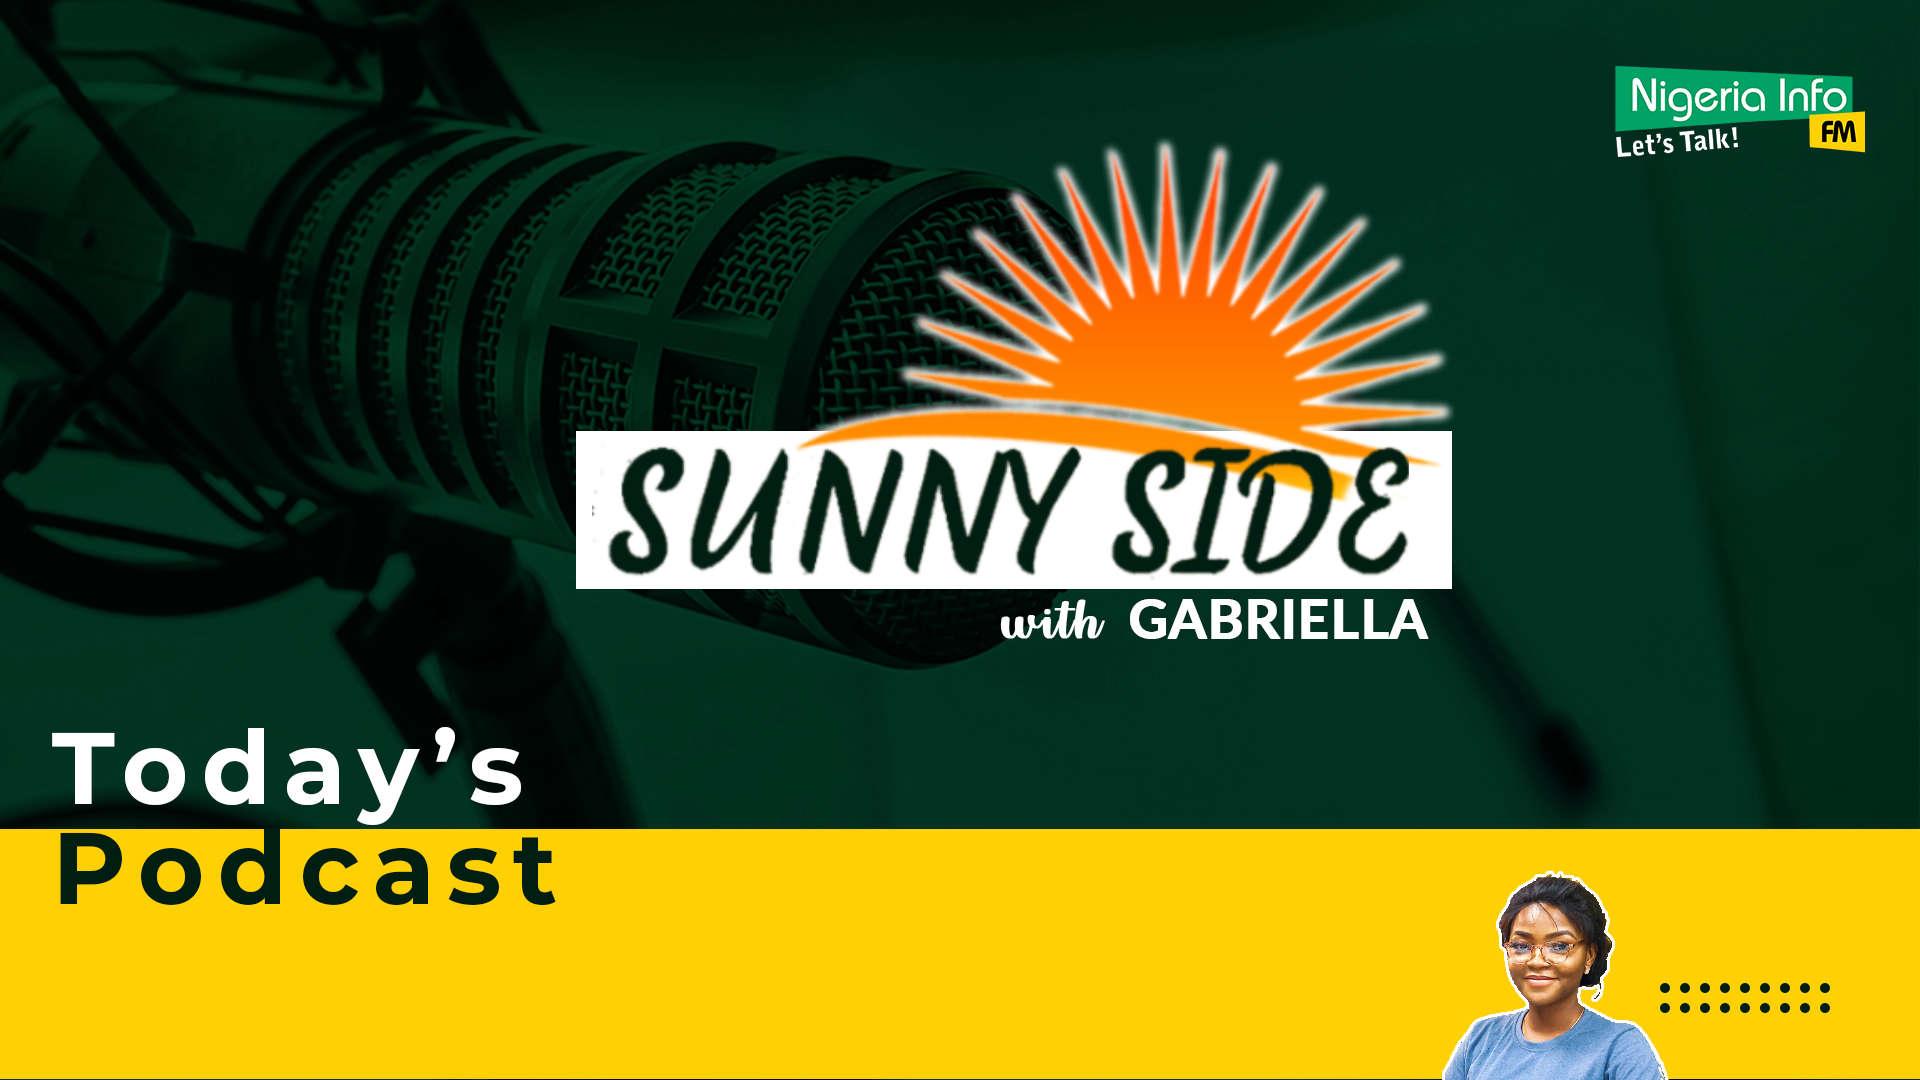 Sunny Side with Gabriella